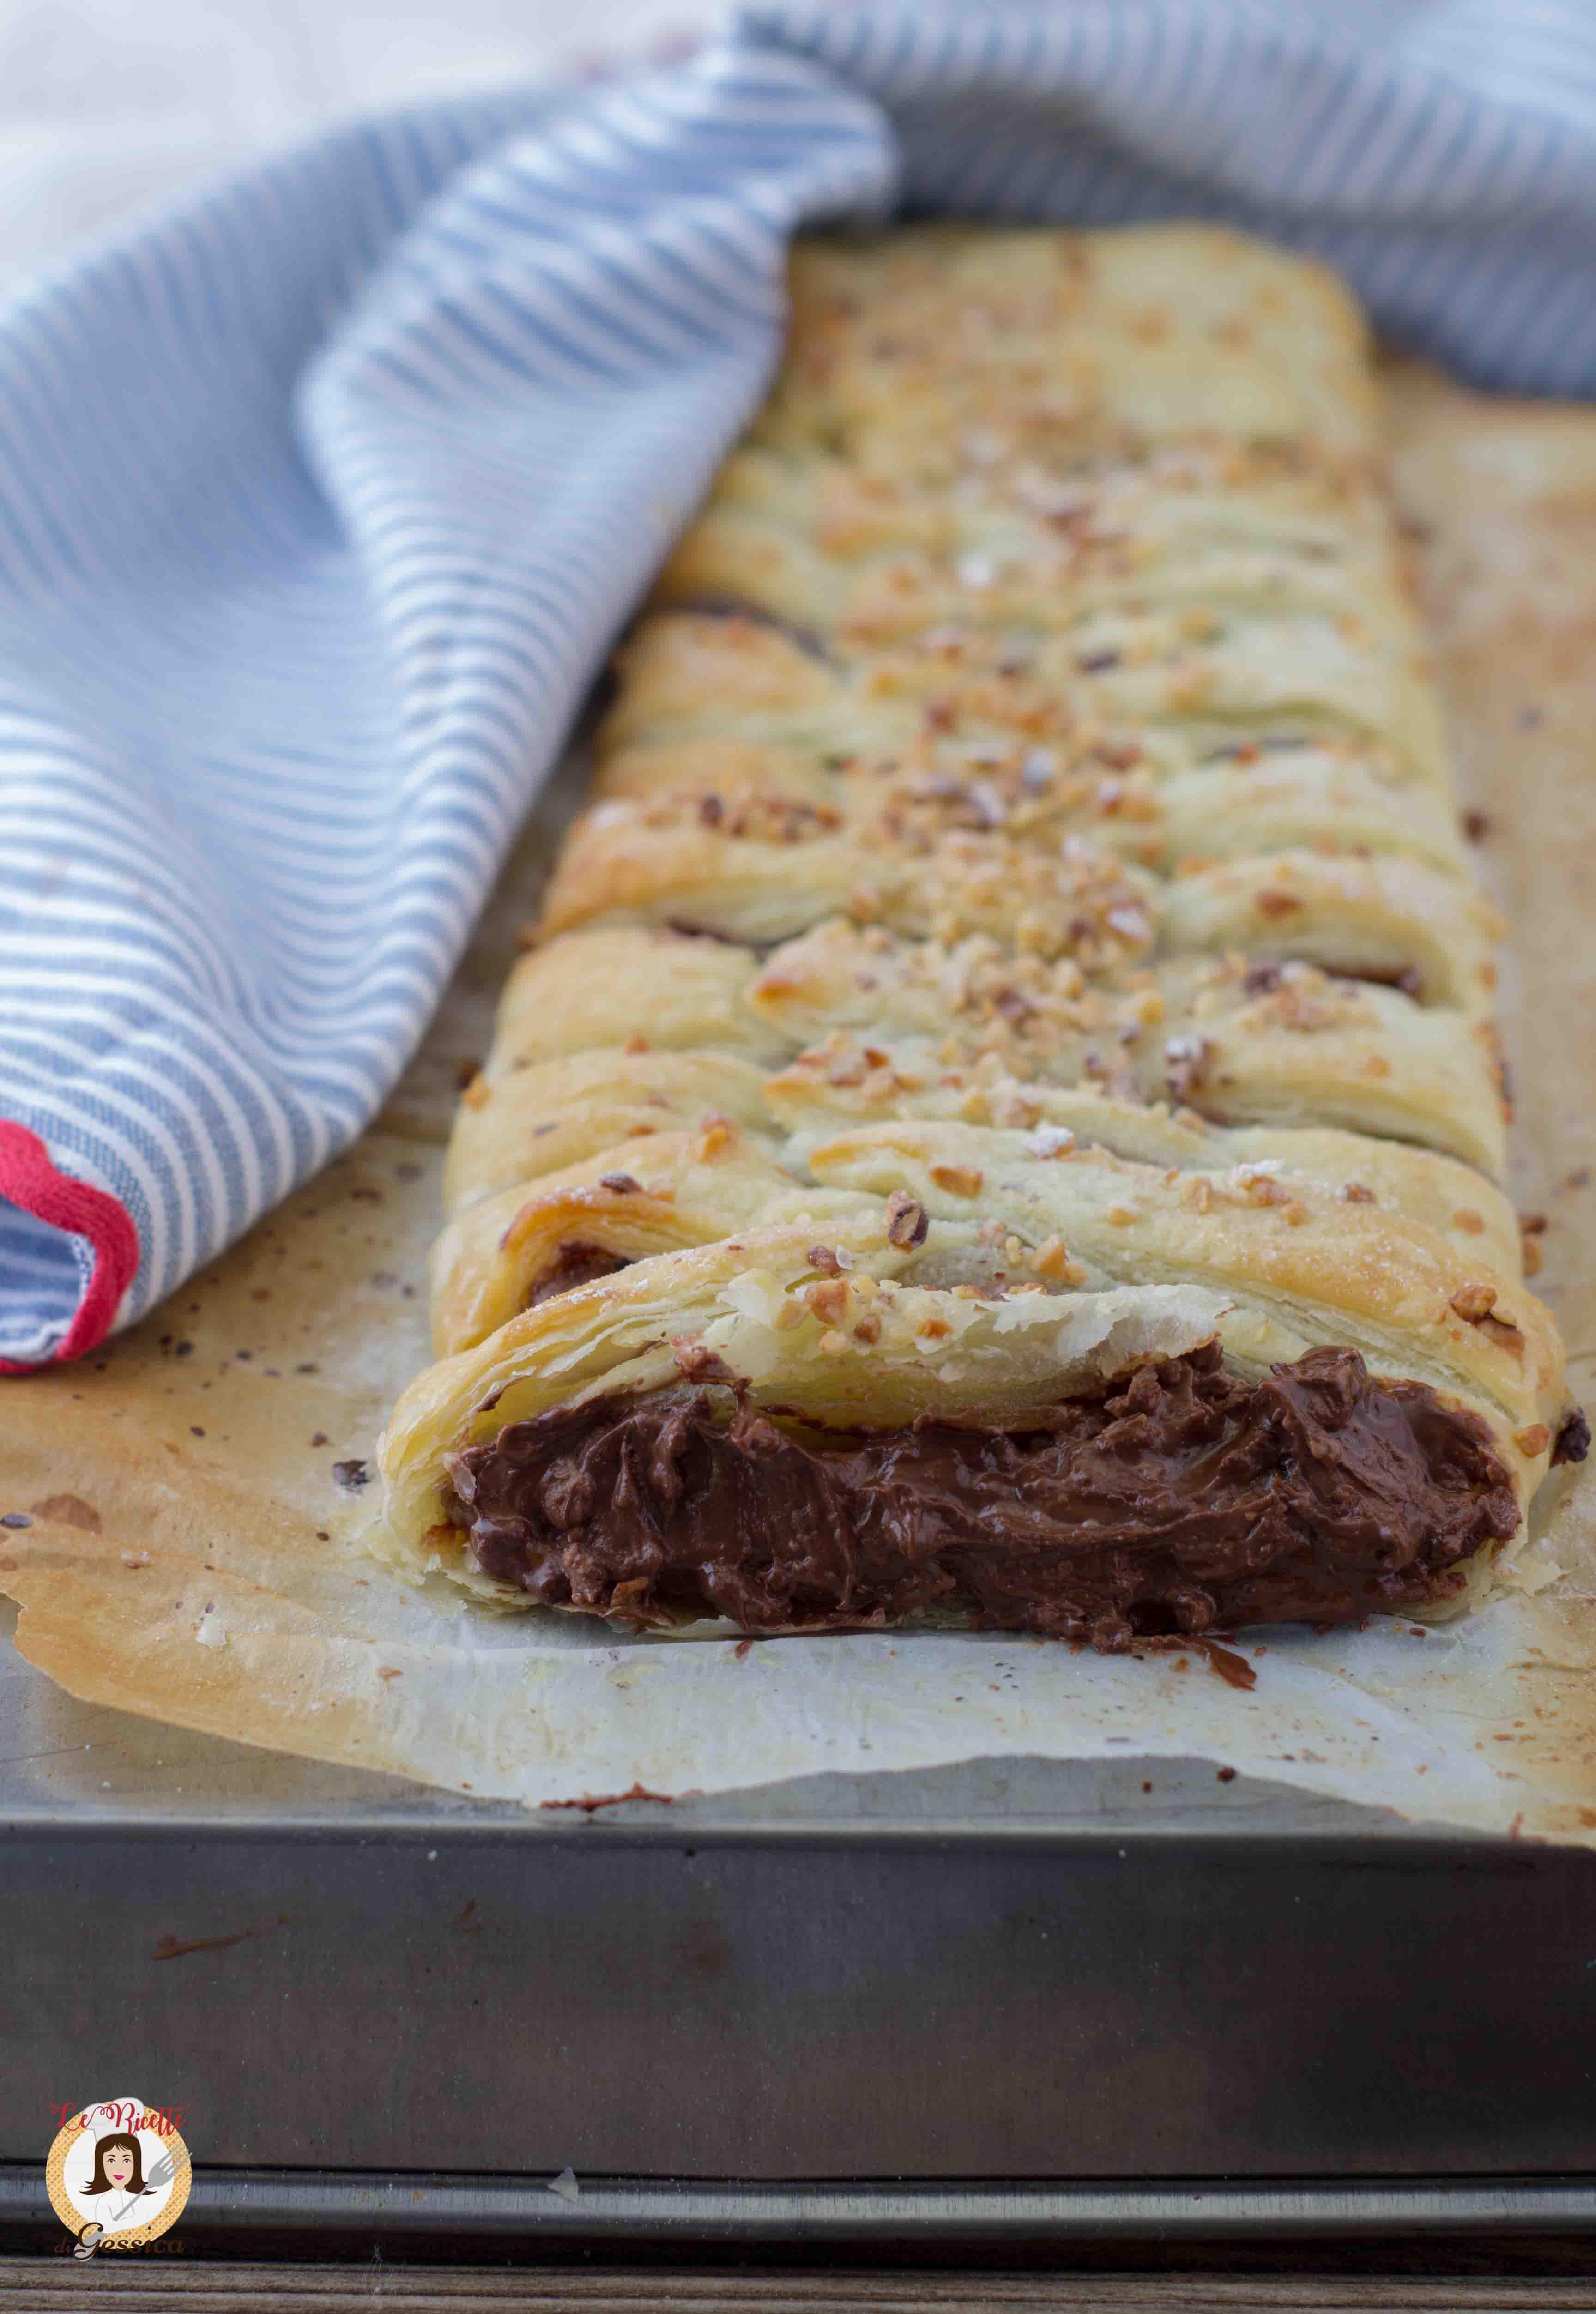 Perfetto per una voglia di dolce improvvisa o una merenda ricca e golosa.  Potete sostituire il cioccolato delle uova di Pasqua con una barretta di